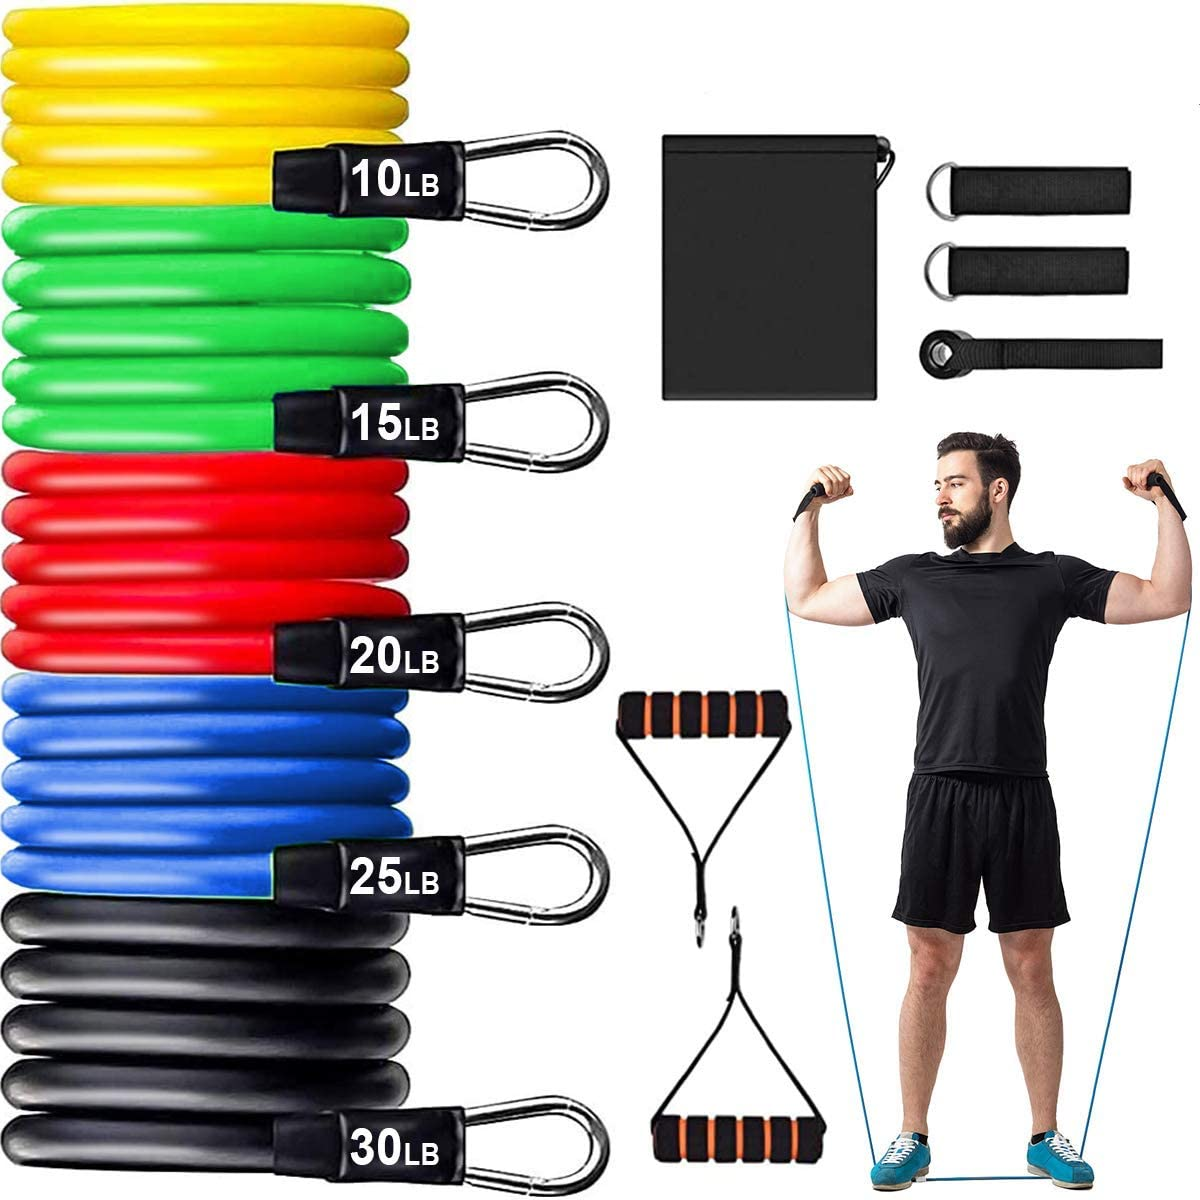 Camfosy 11 Pcs Exercise Resistance Bands Set WAS £22.99 NOW £11.49 w/code CAMFOSY106 @ Amazon